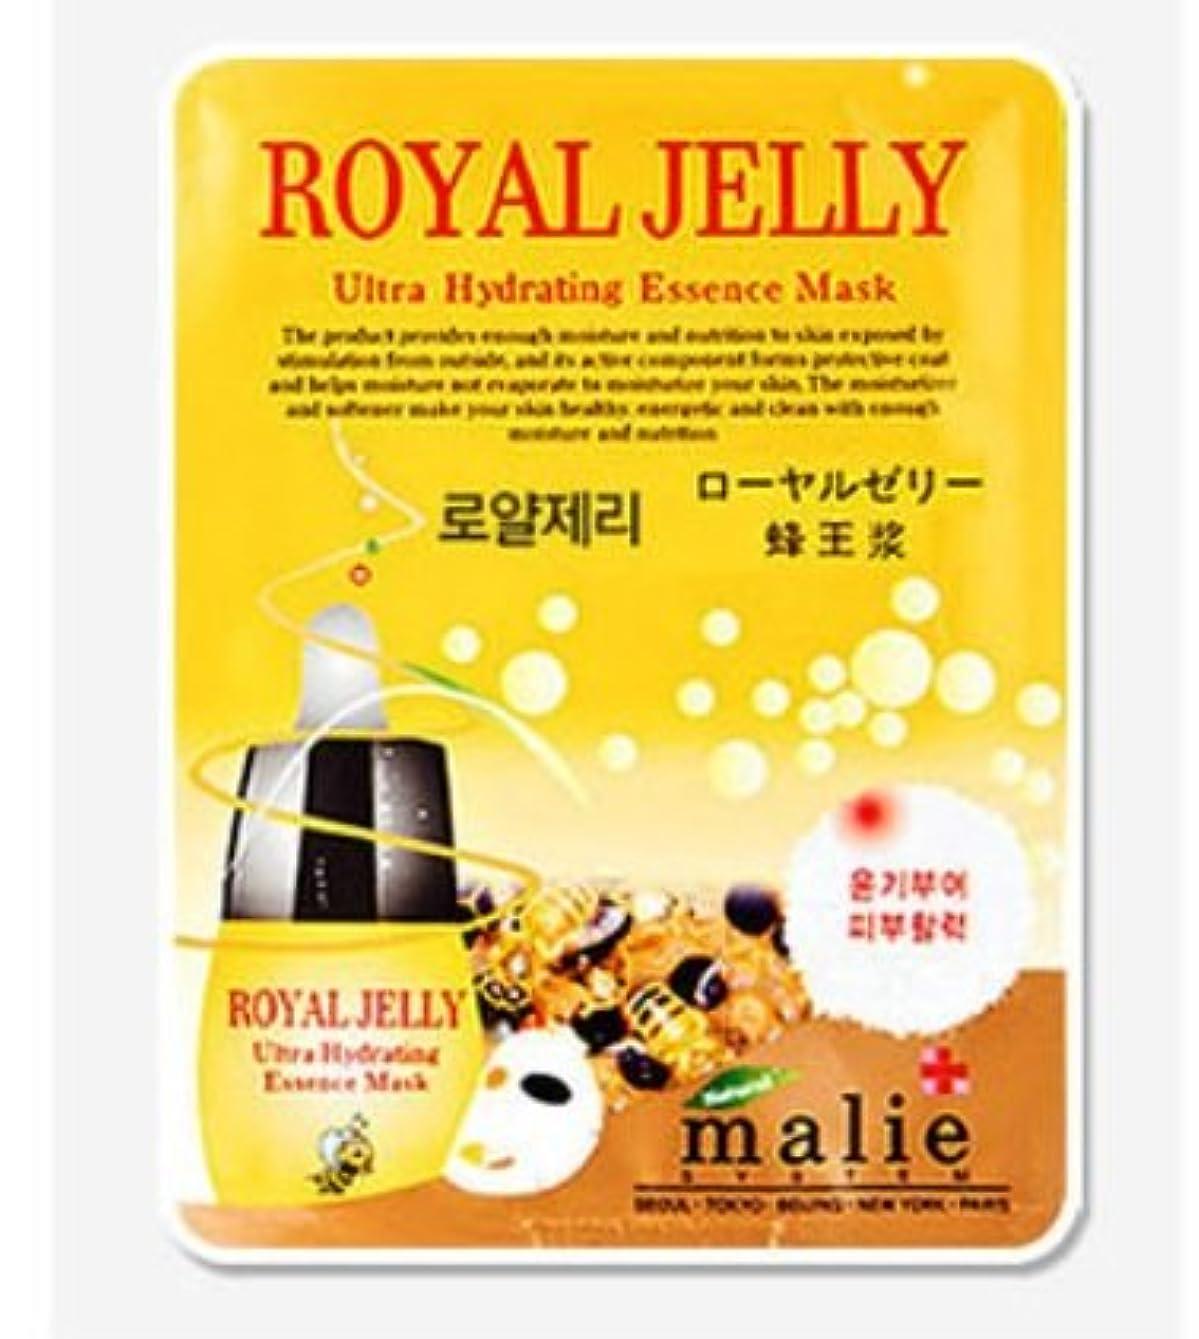 過ち麻酔薬しなやかな[MALIE] まりえローヤルゼリーウルトラ?ハイドレーティング?エッセンスマスク25gX10枚 / Malie Royal Jelly Ultra Hydrating Essence Mask [並行輸入品]